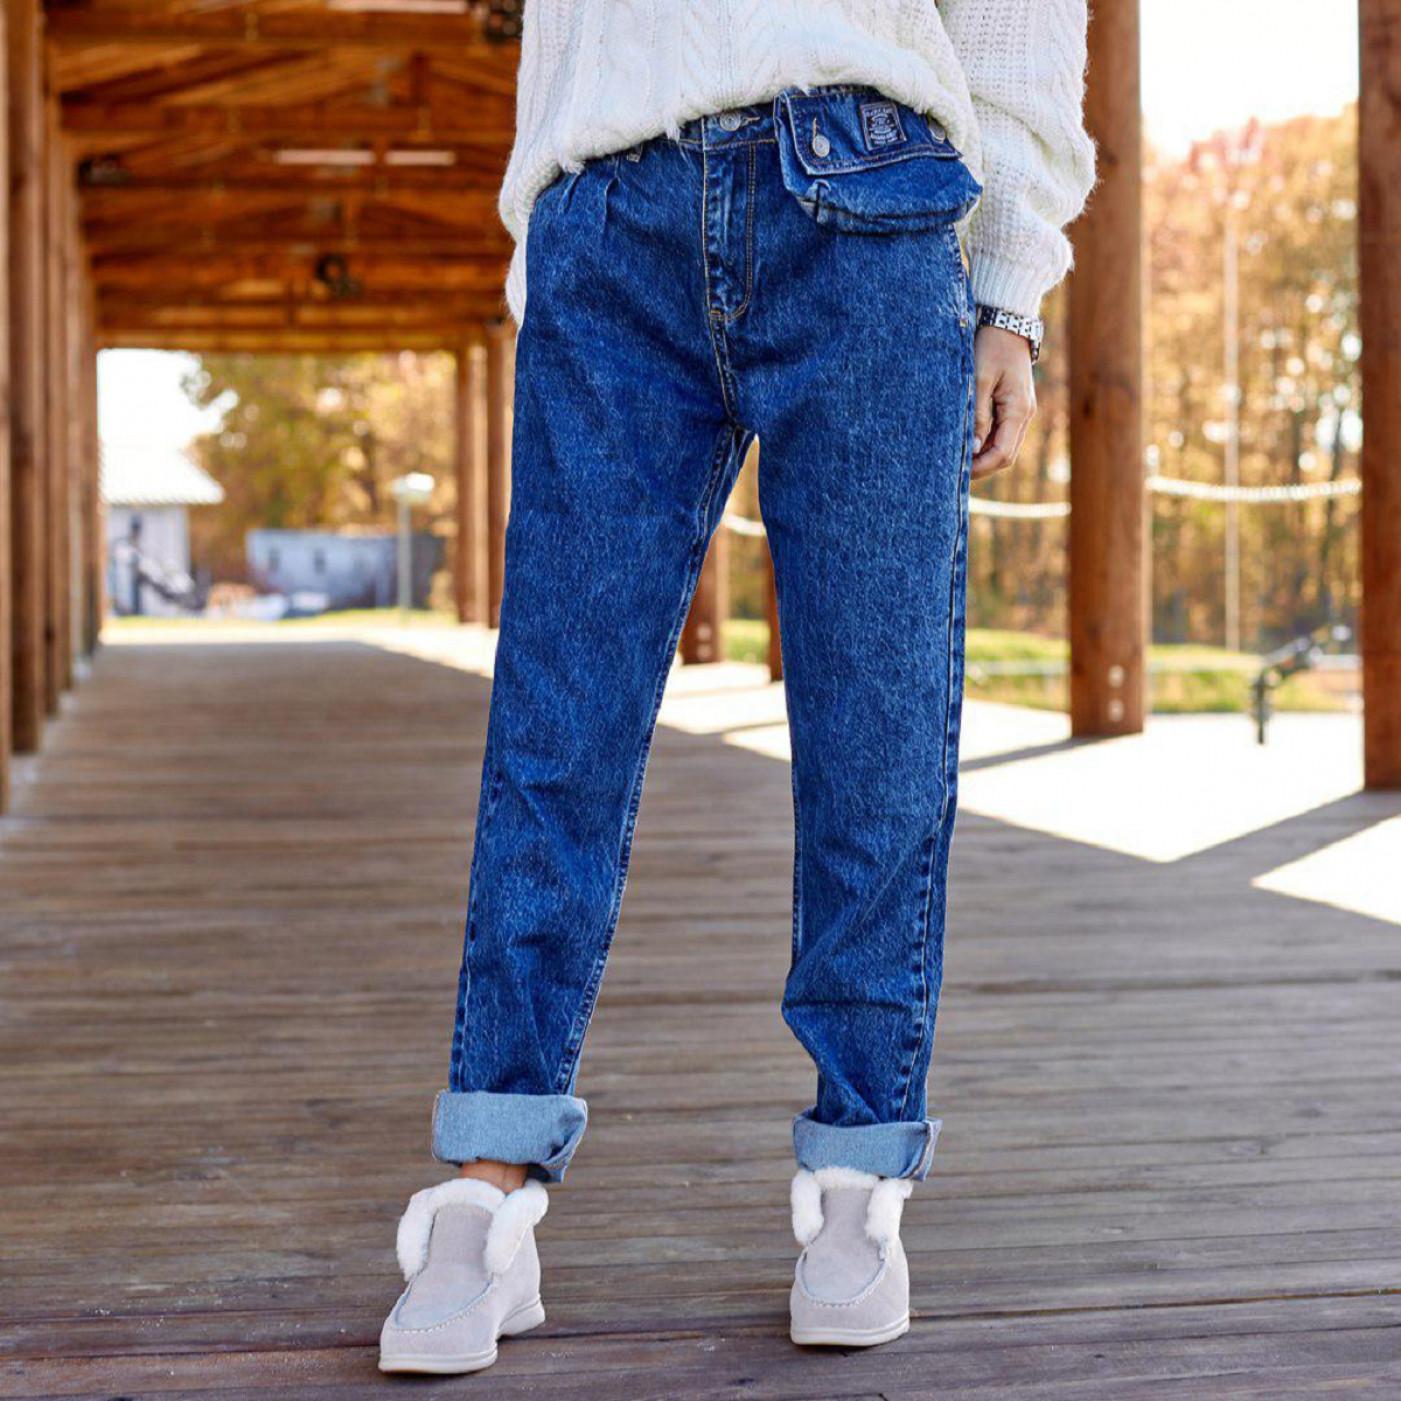 Джинси з декоративною джинсового сумочкою 3794